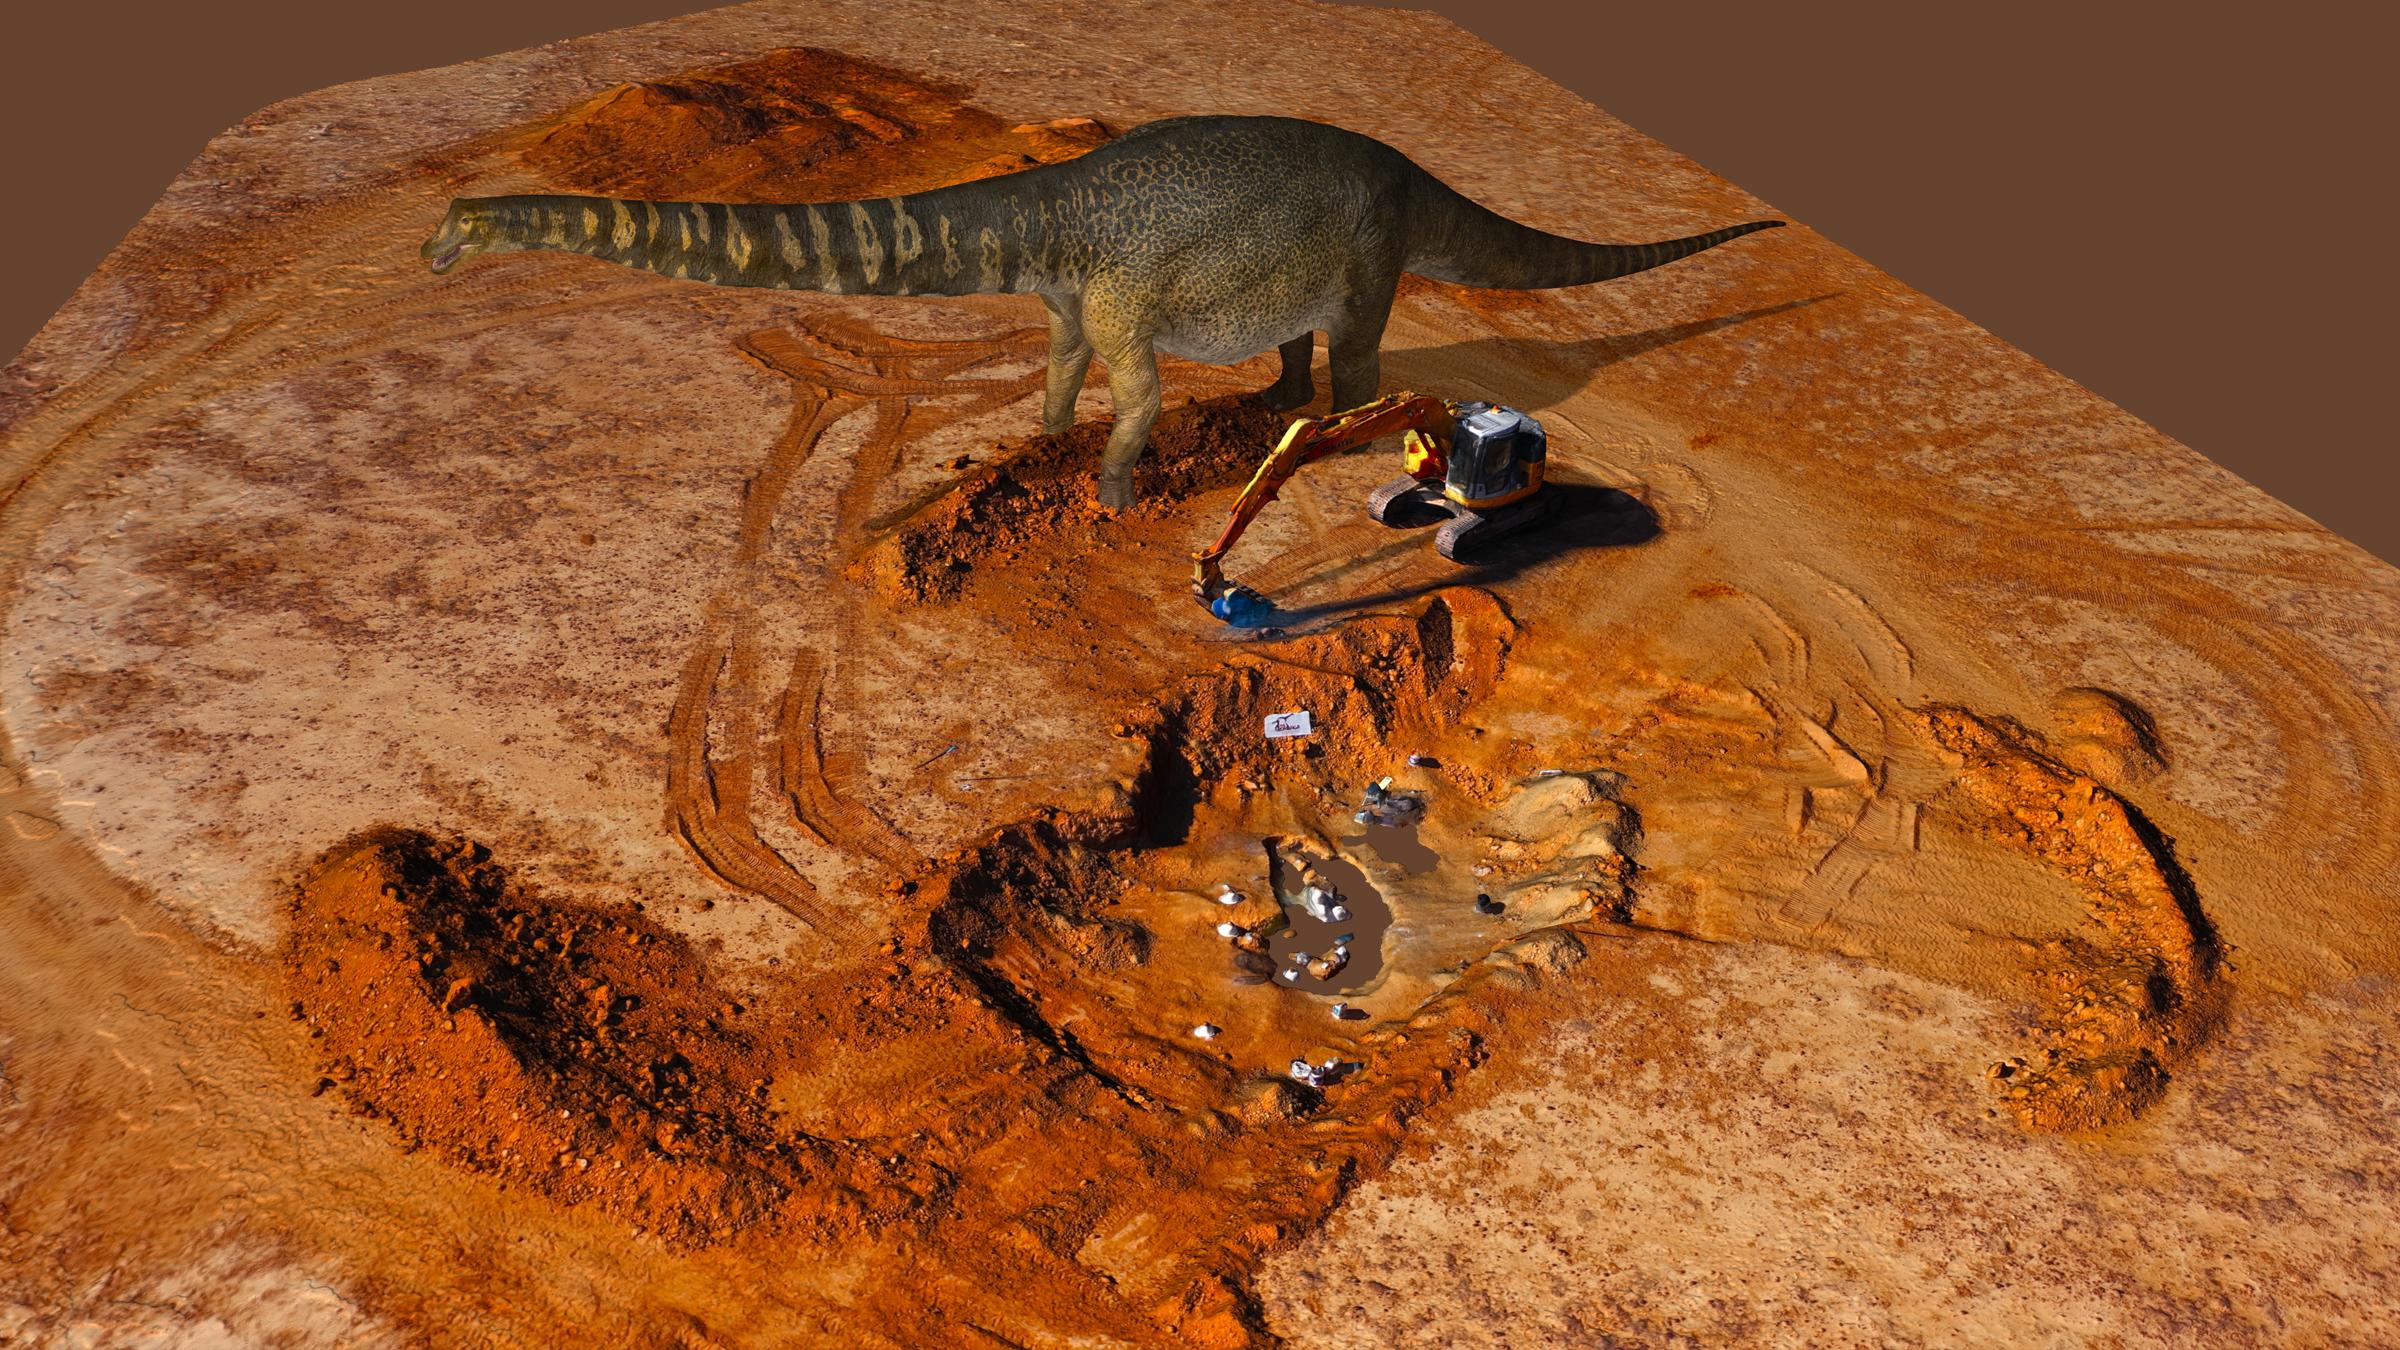 Une image numérique du dinosaure nouvellement décrit, Australotitan cooperensis, à côté de son site de fouilles.